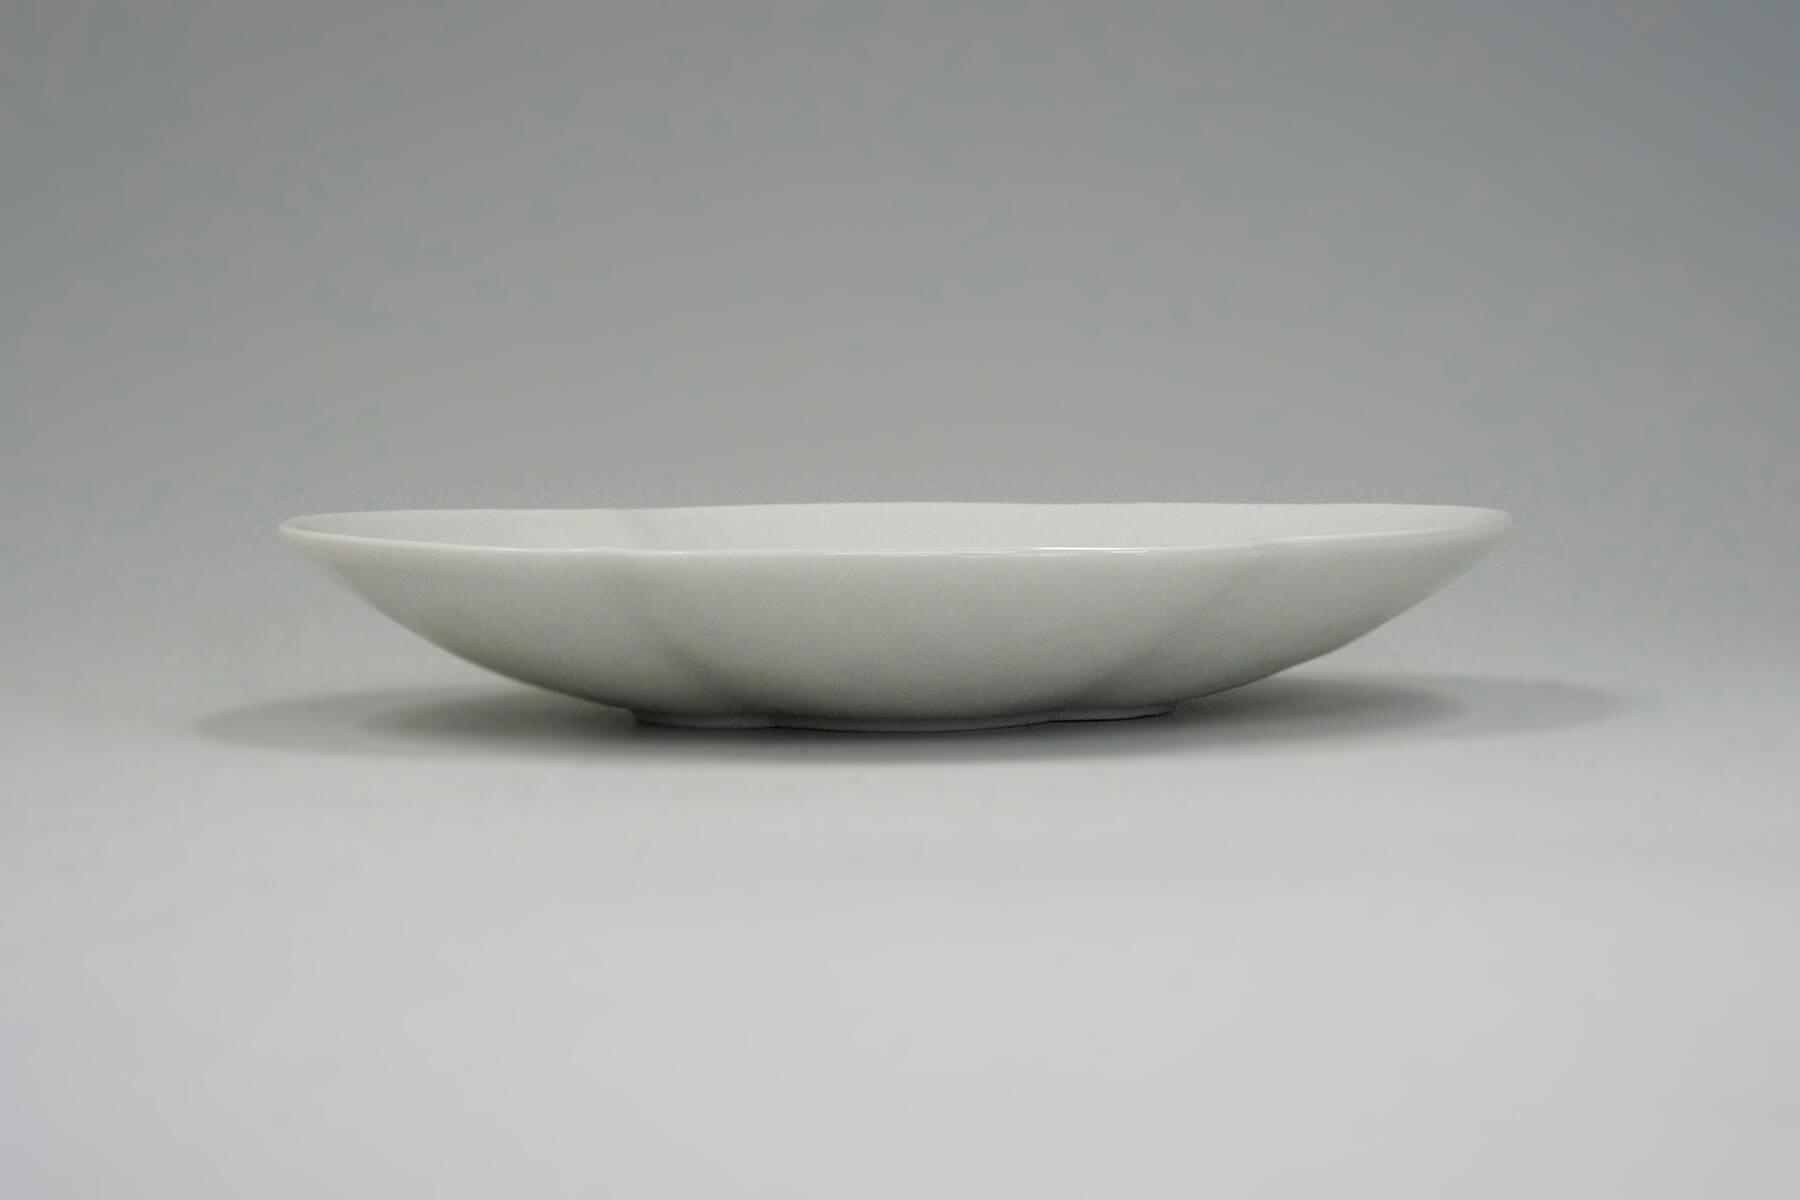 fkj0049